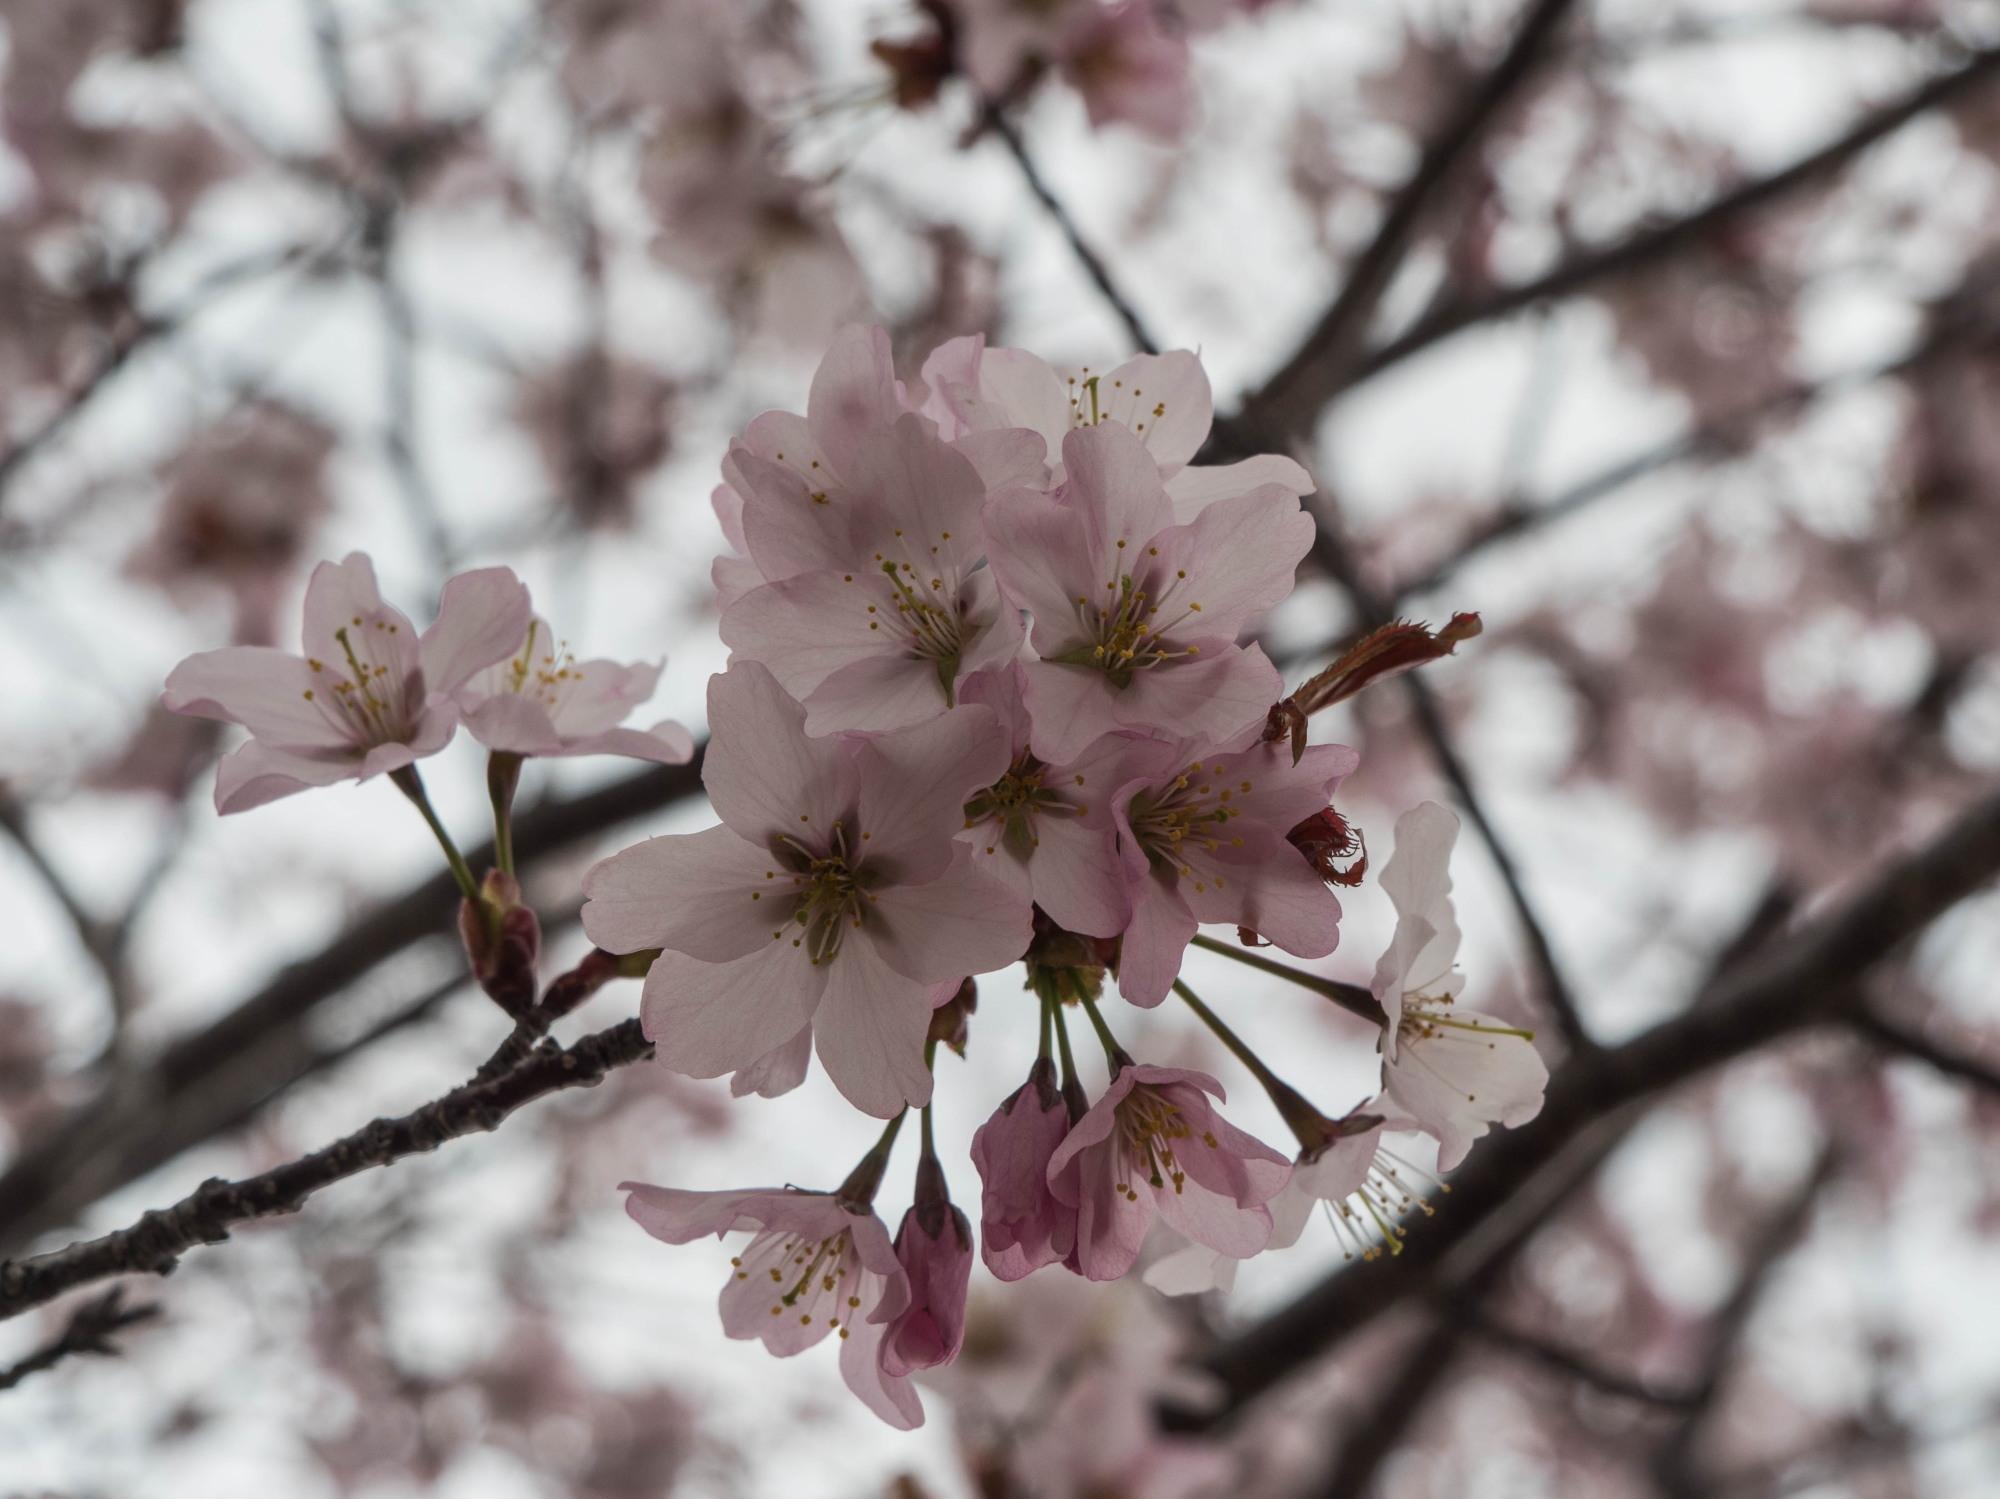 十勝の桜名所「桜六花公園」のサクラが満開になりました。_f0276498_11342365.jpg